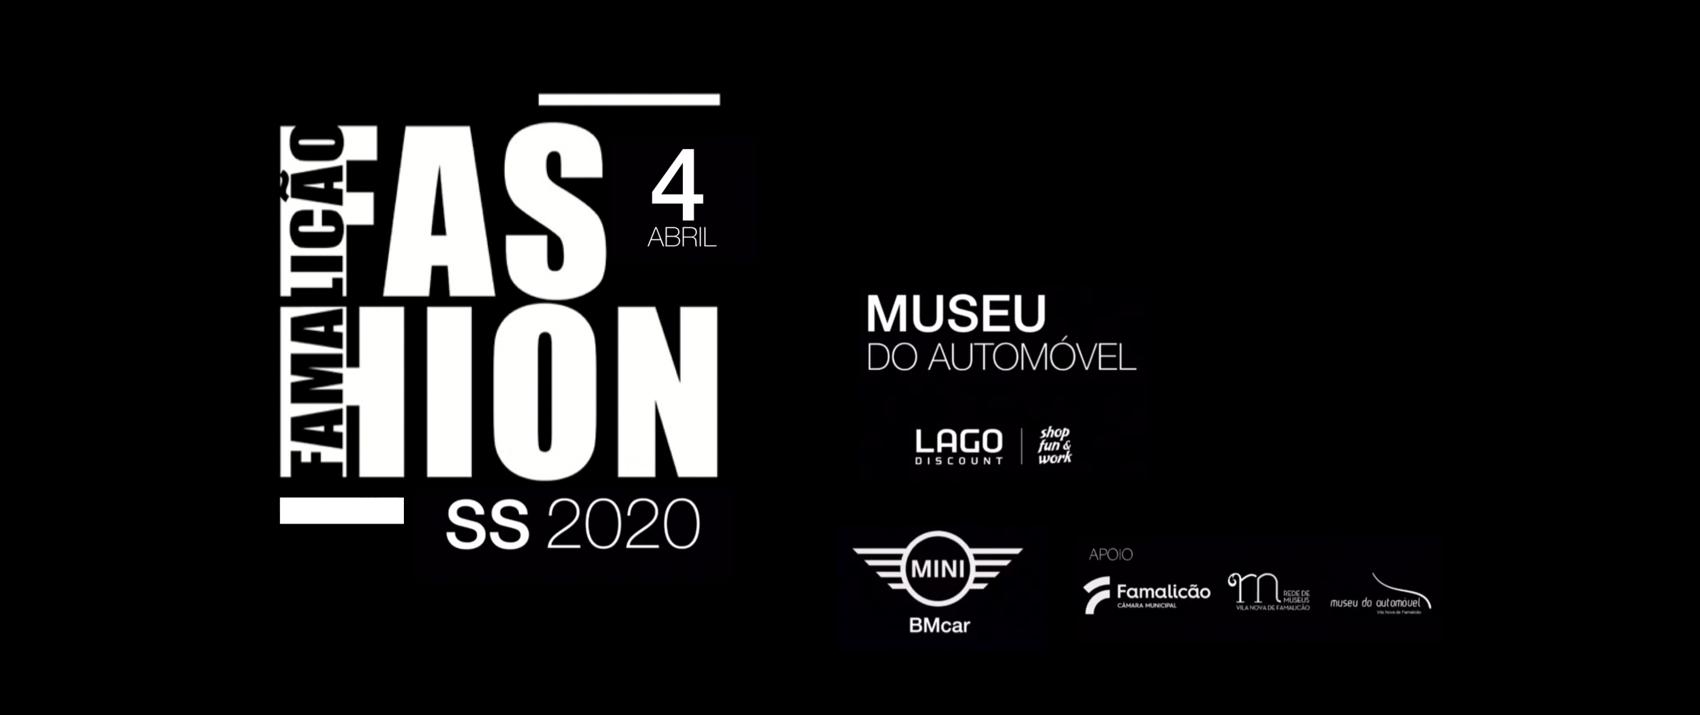 FAMALICÃO FASHION SS2020  no Museu automóvel Lago Discount